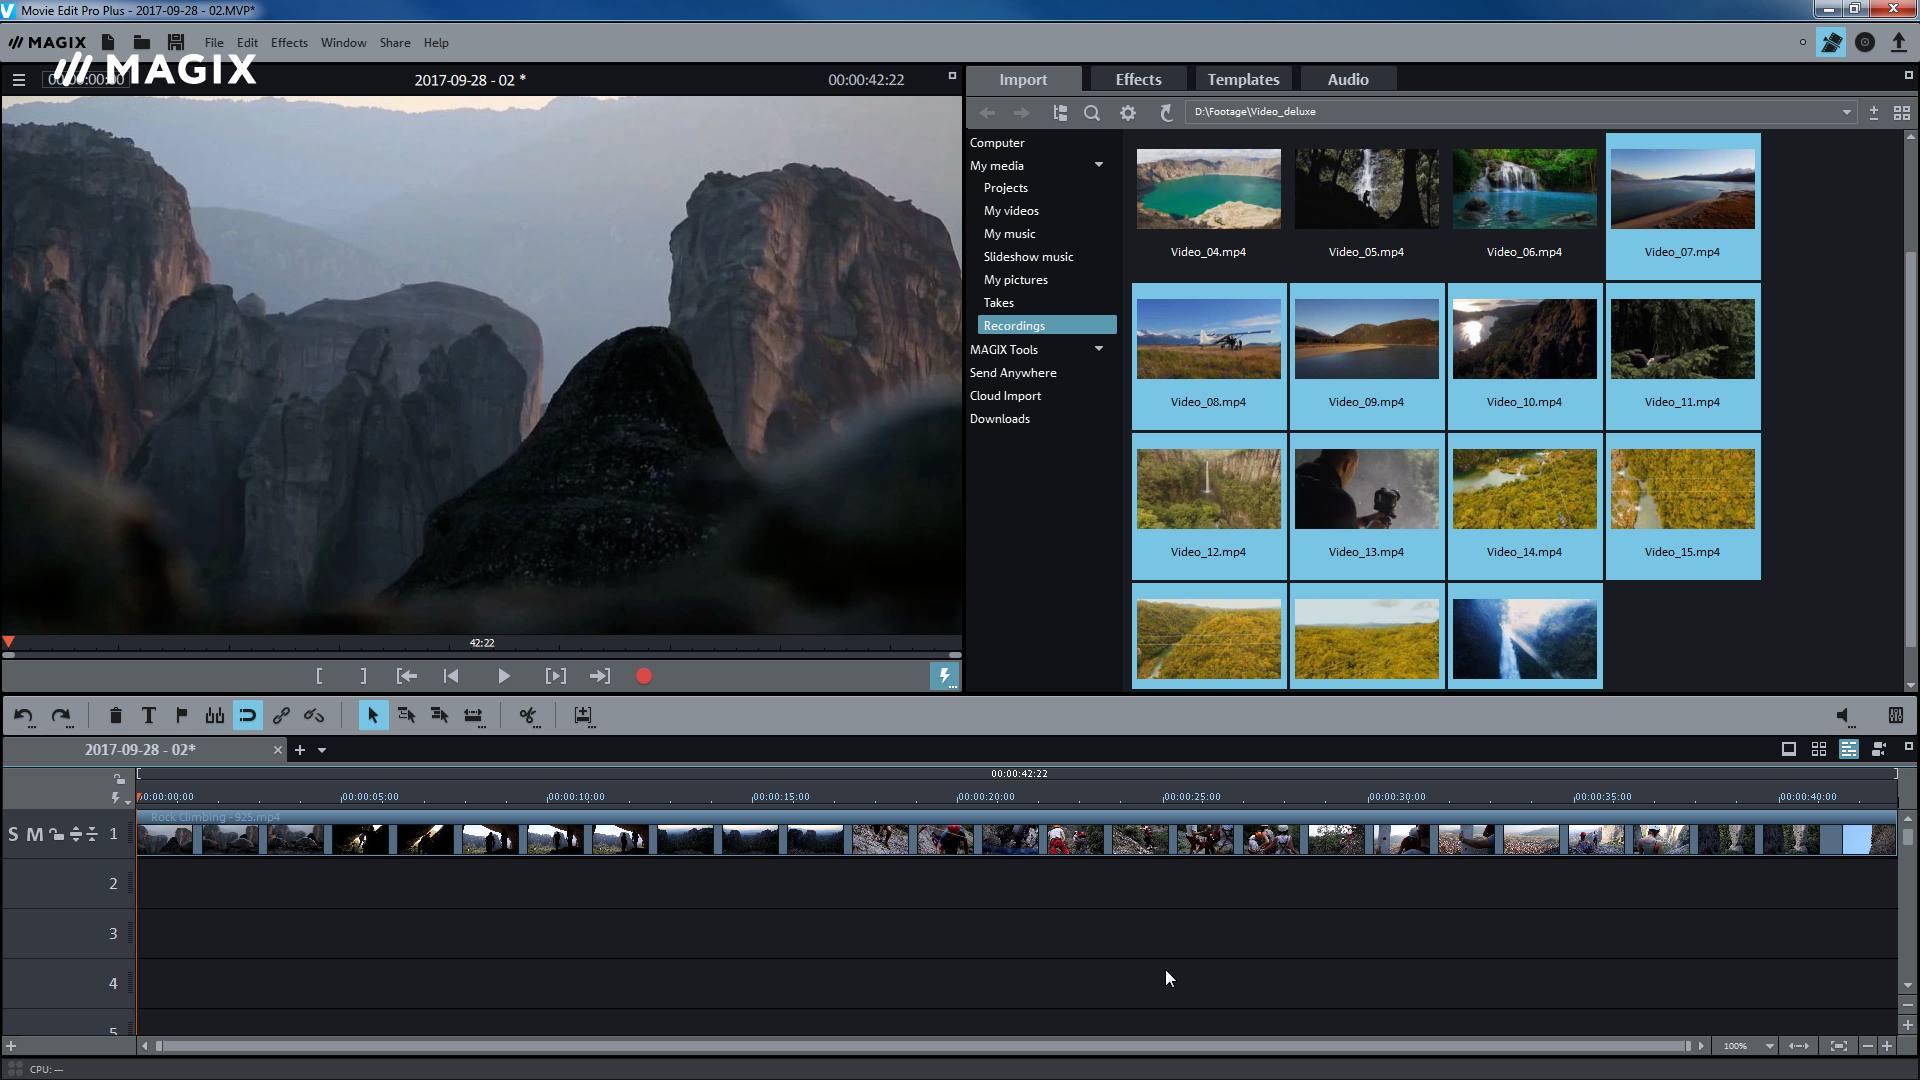 MAGIX Movie Edit Pro - Video